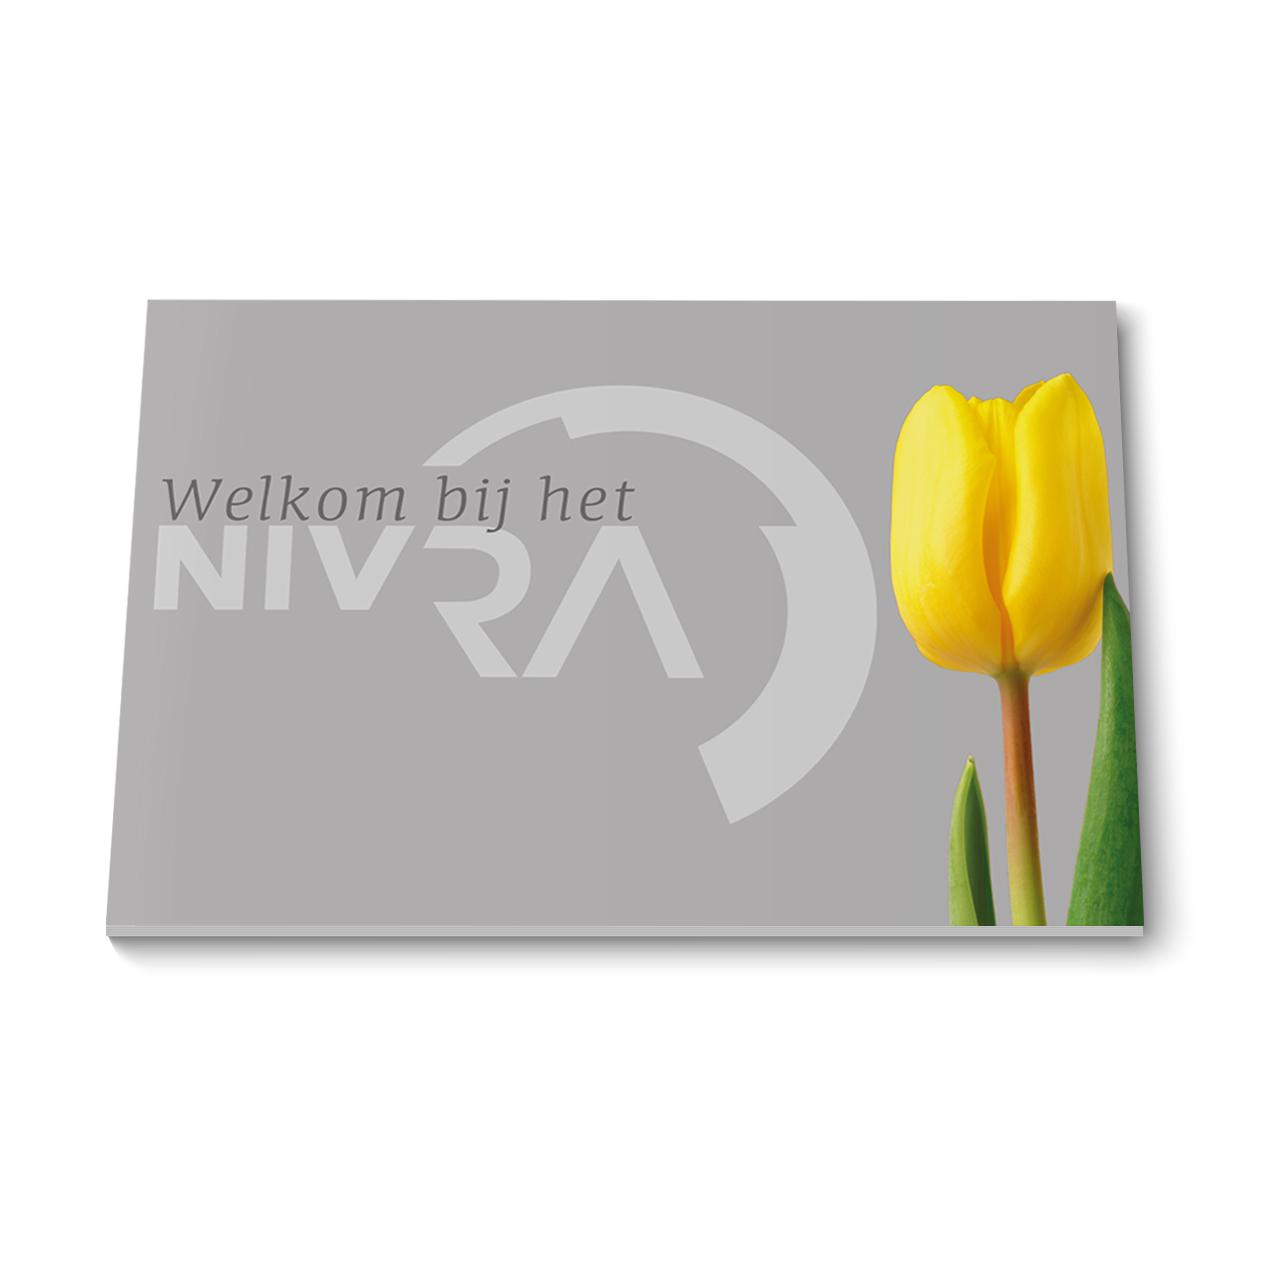 Nivra Plattegrondboekje © i-nicole